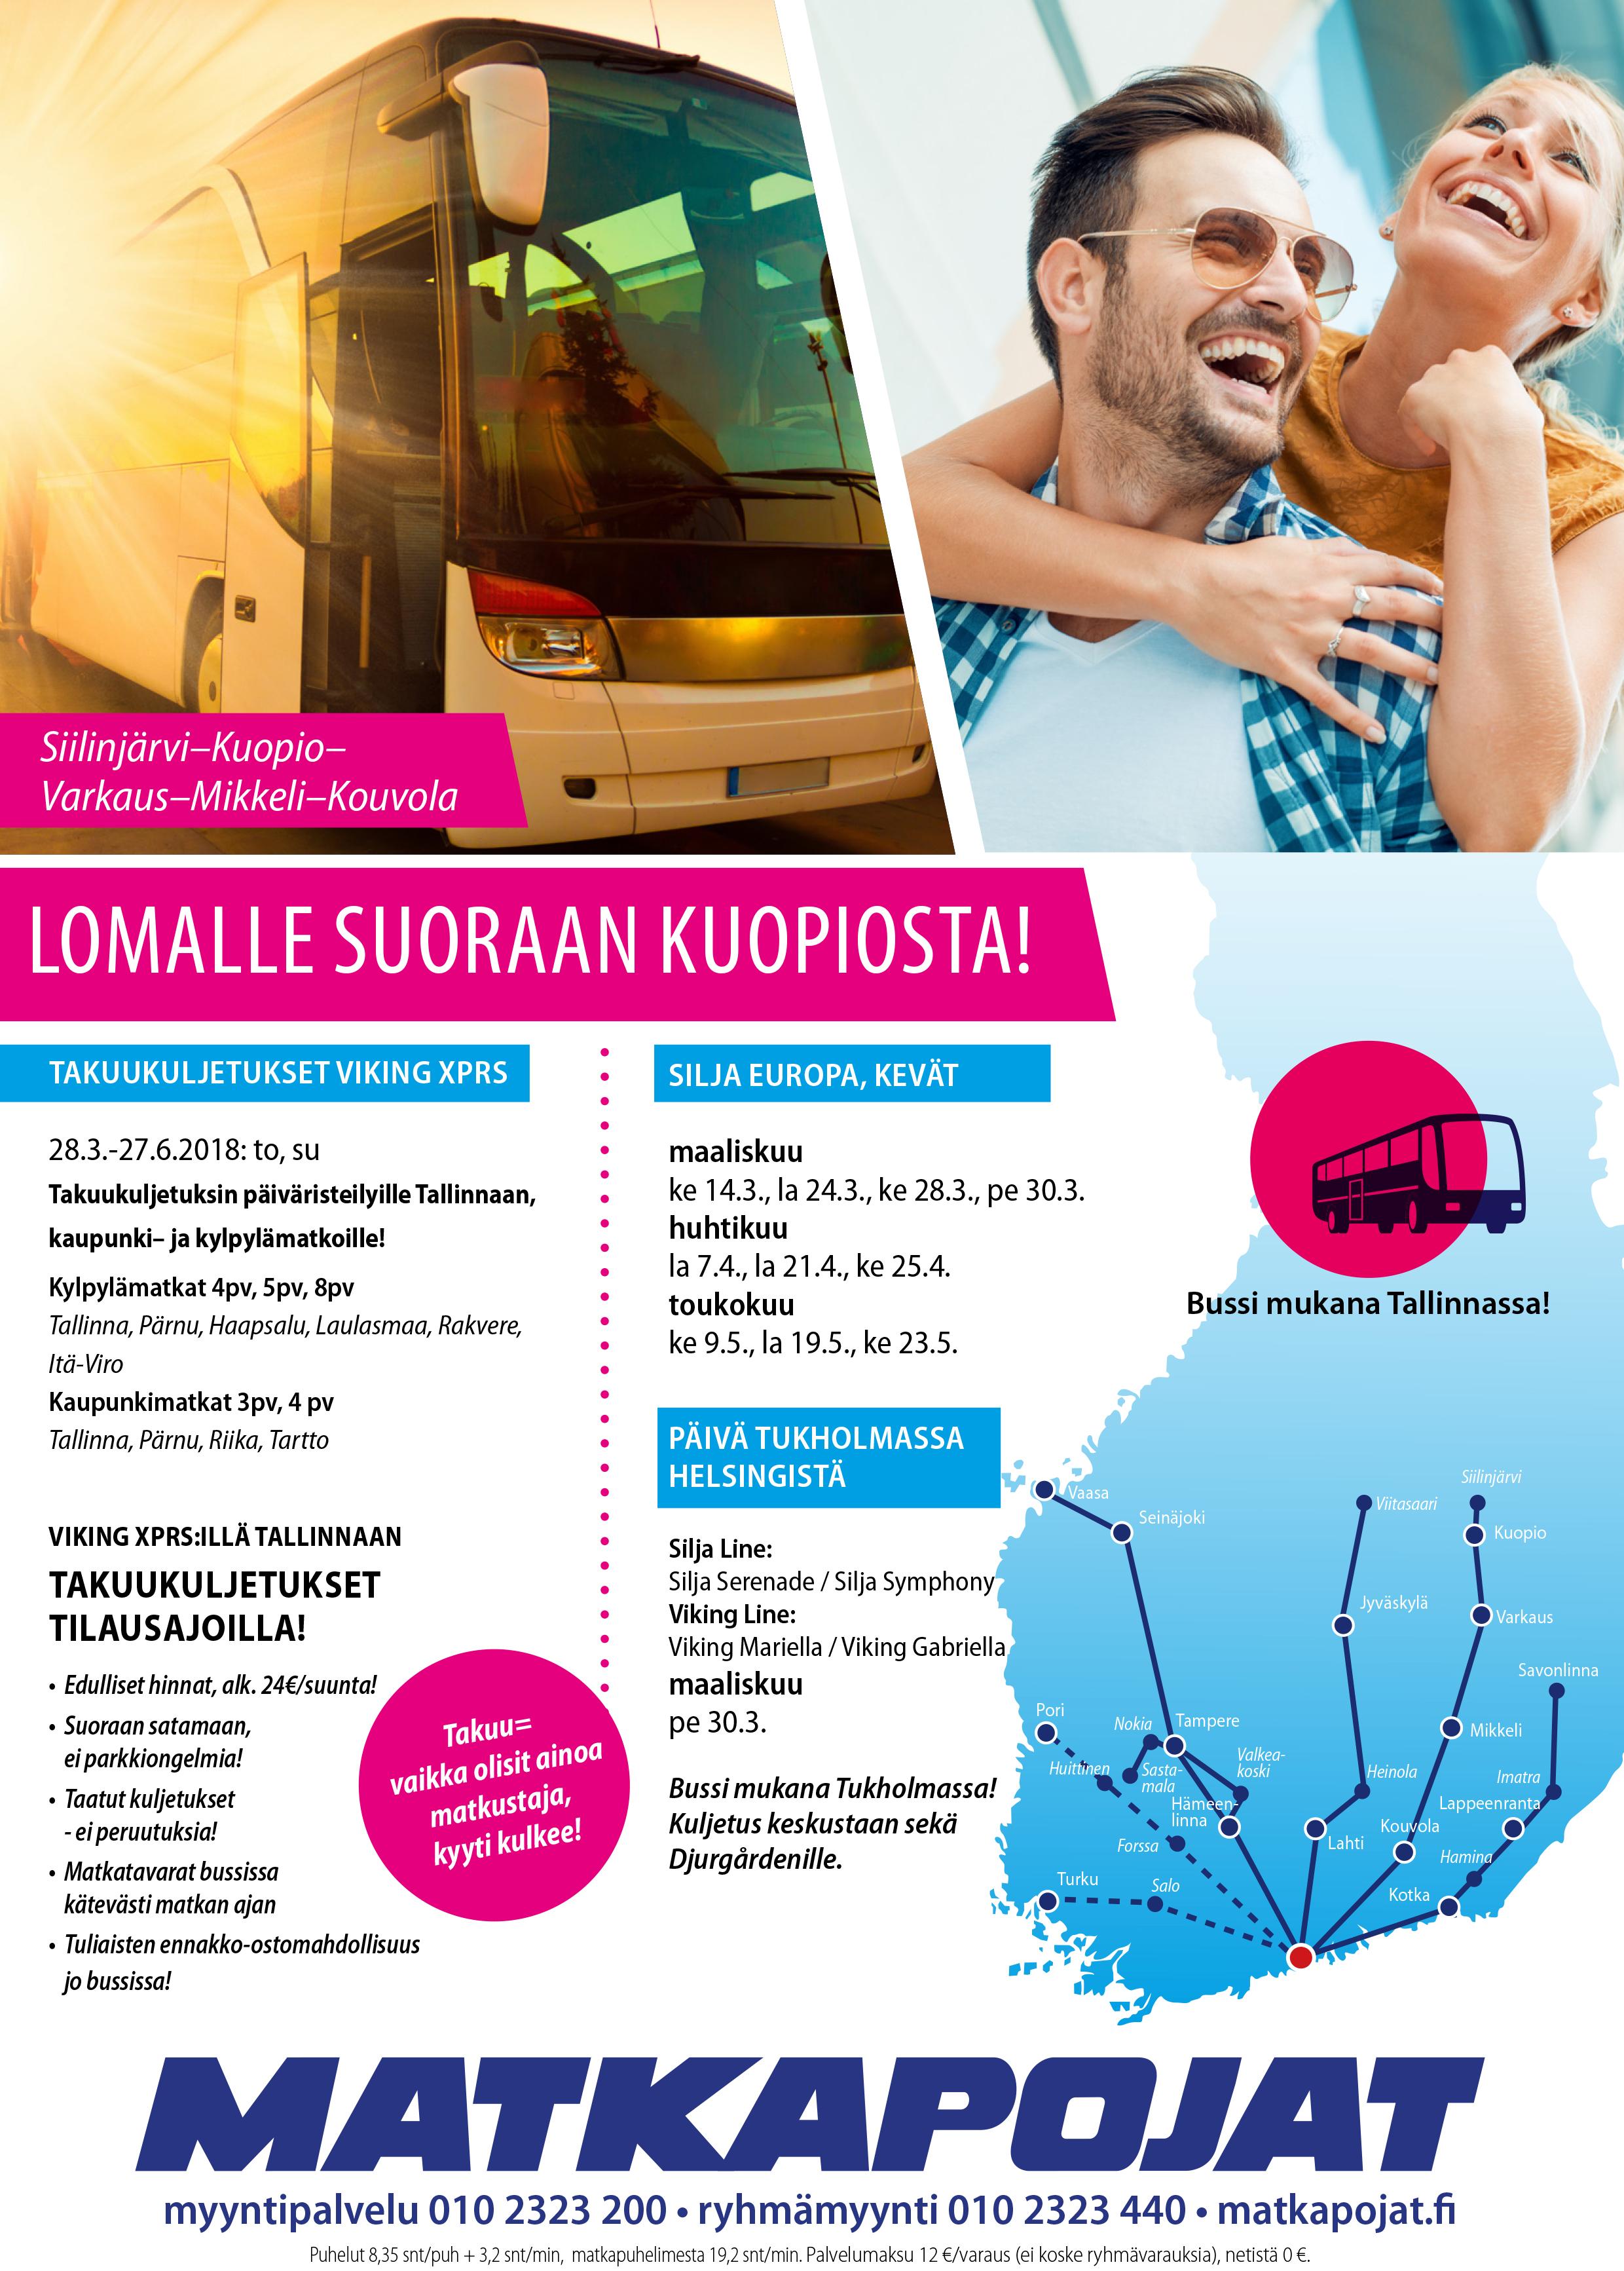 Lomalle Suoraan Kuopiosta!